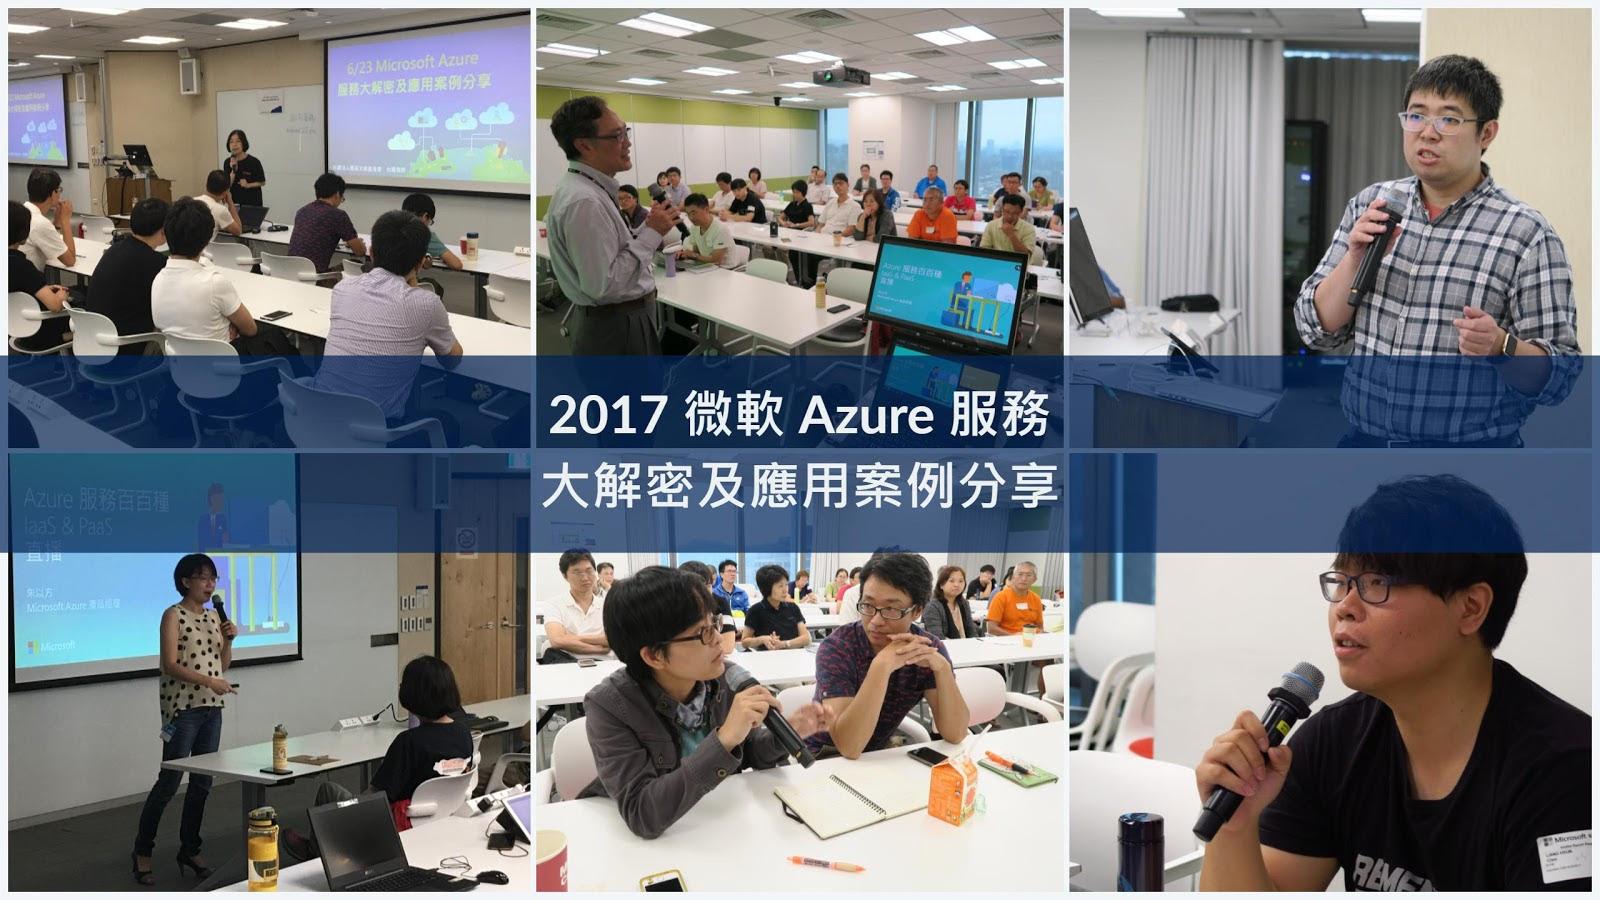 [活動紀錄] 6/23 微軟 Azure 服務大解密及應用案例分享